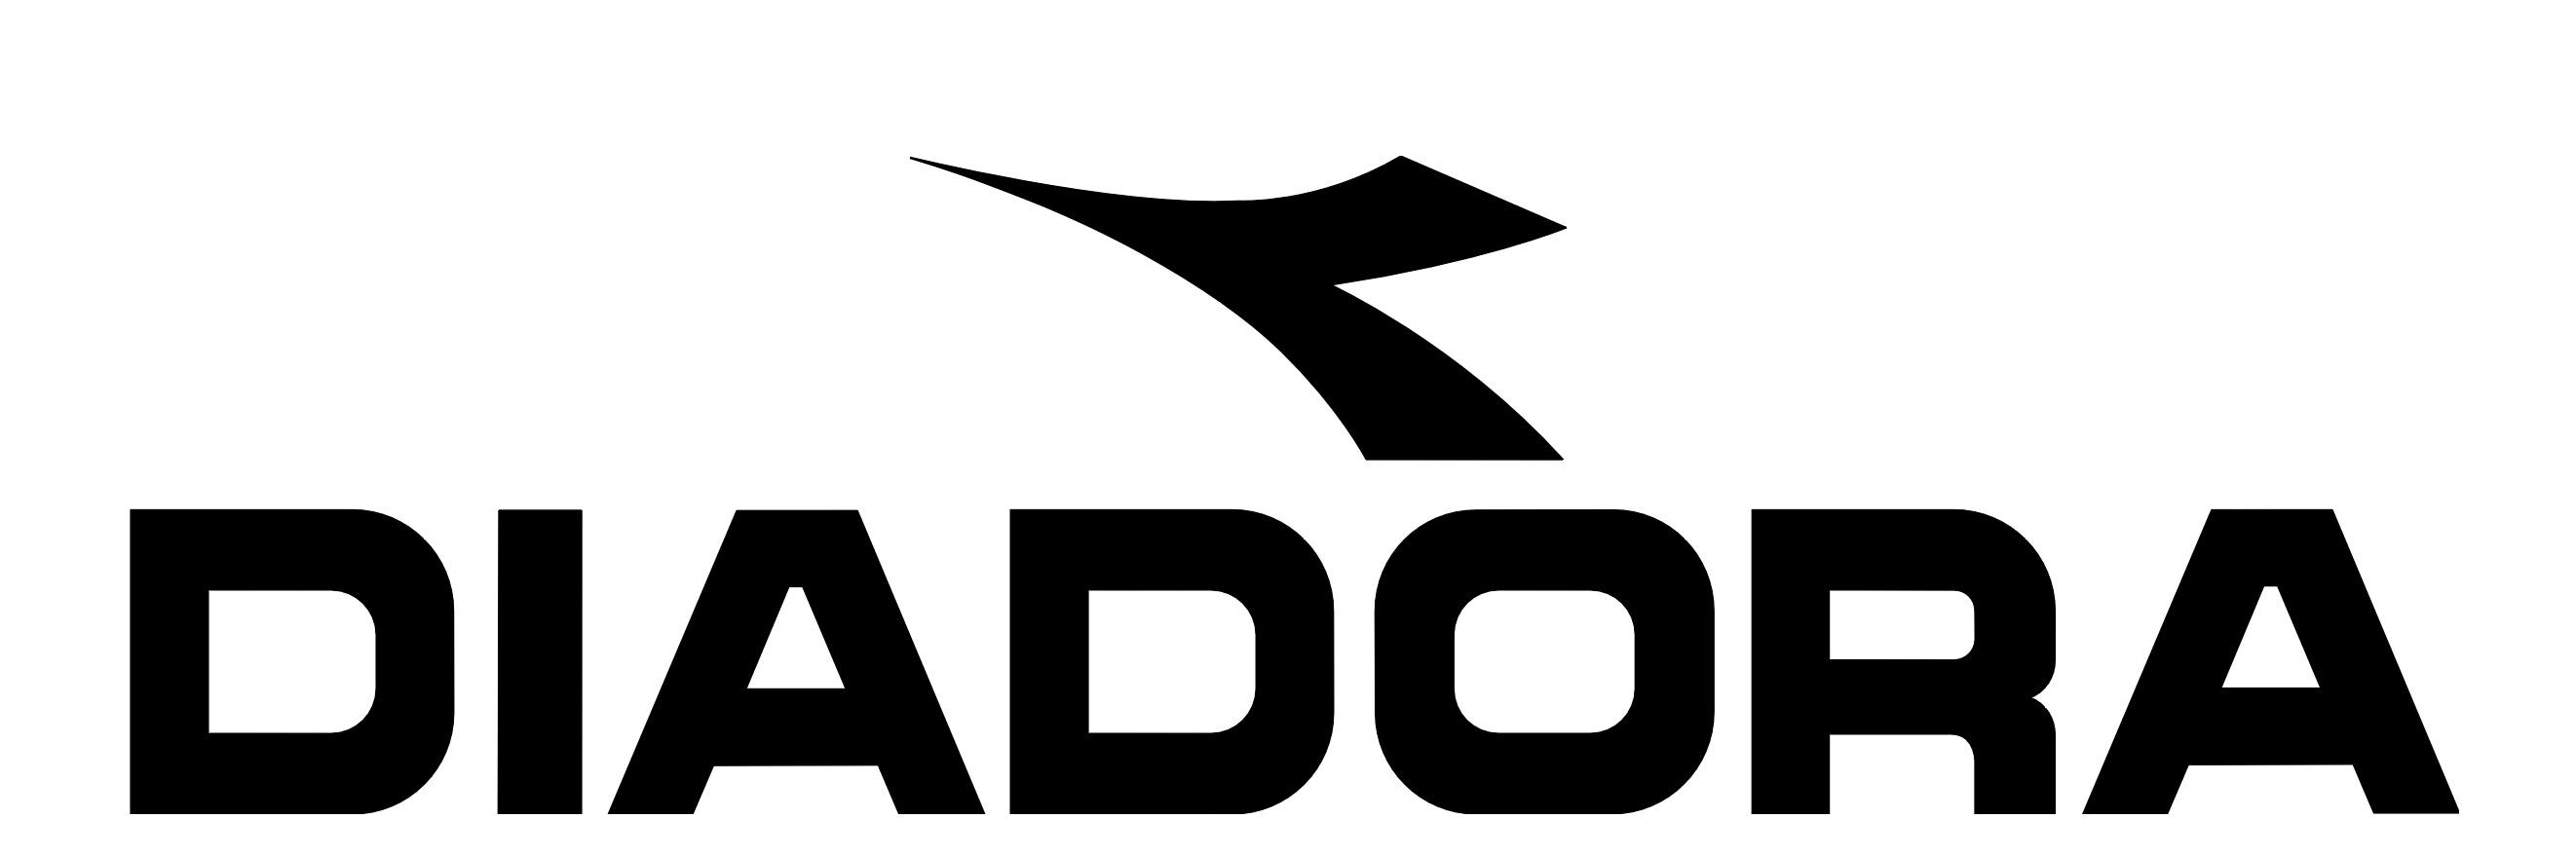 diadora-logo-2.jpg